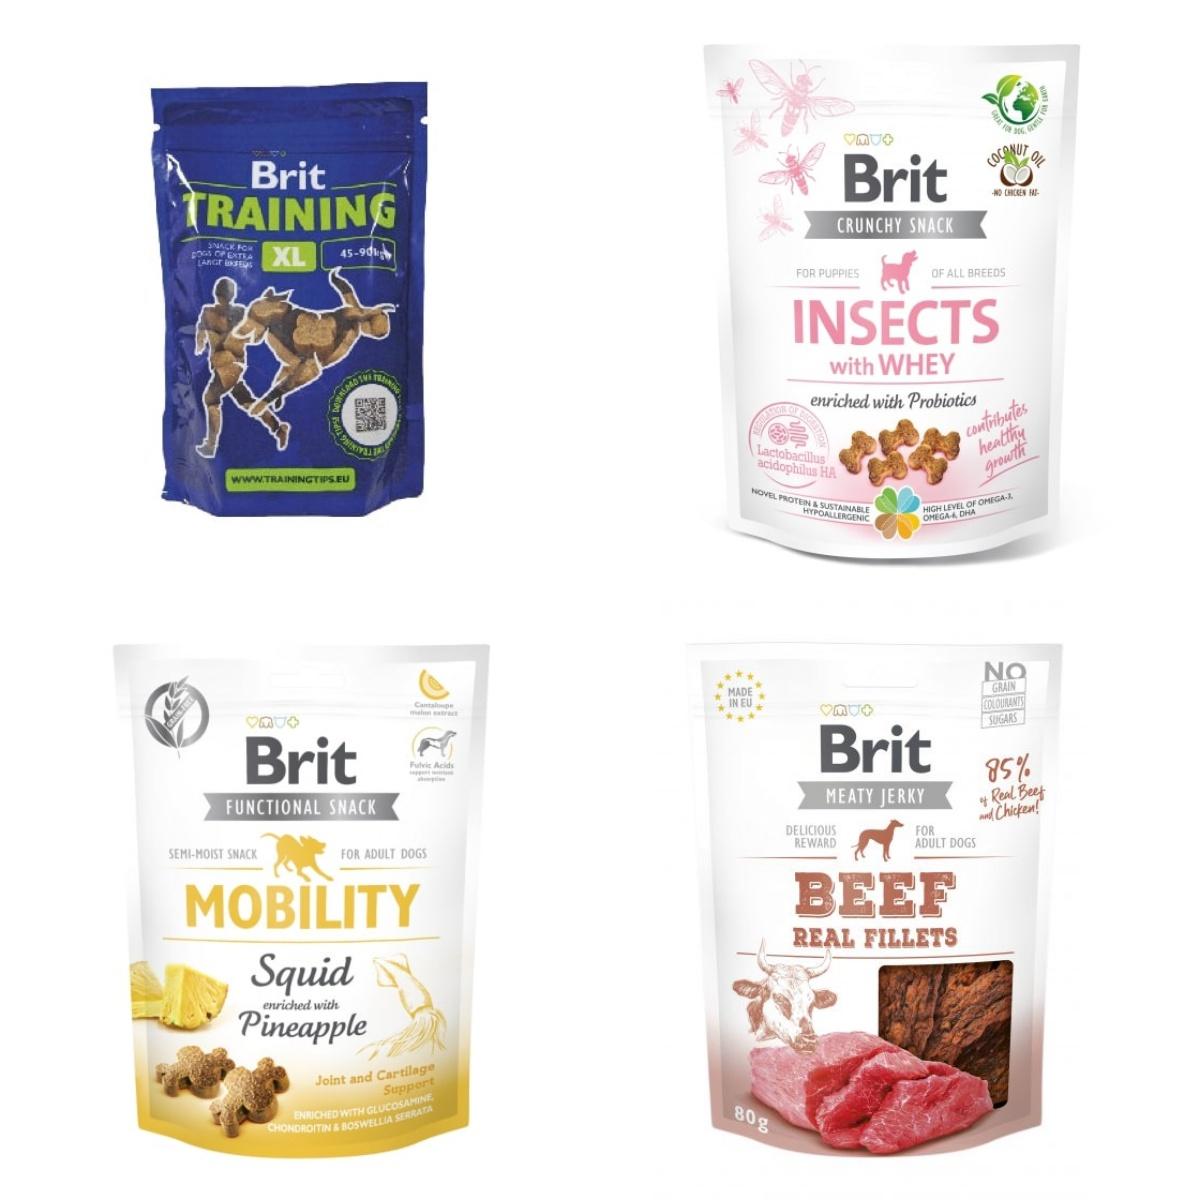 Serie przysmaków dla psów od firmy Brit